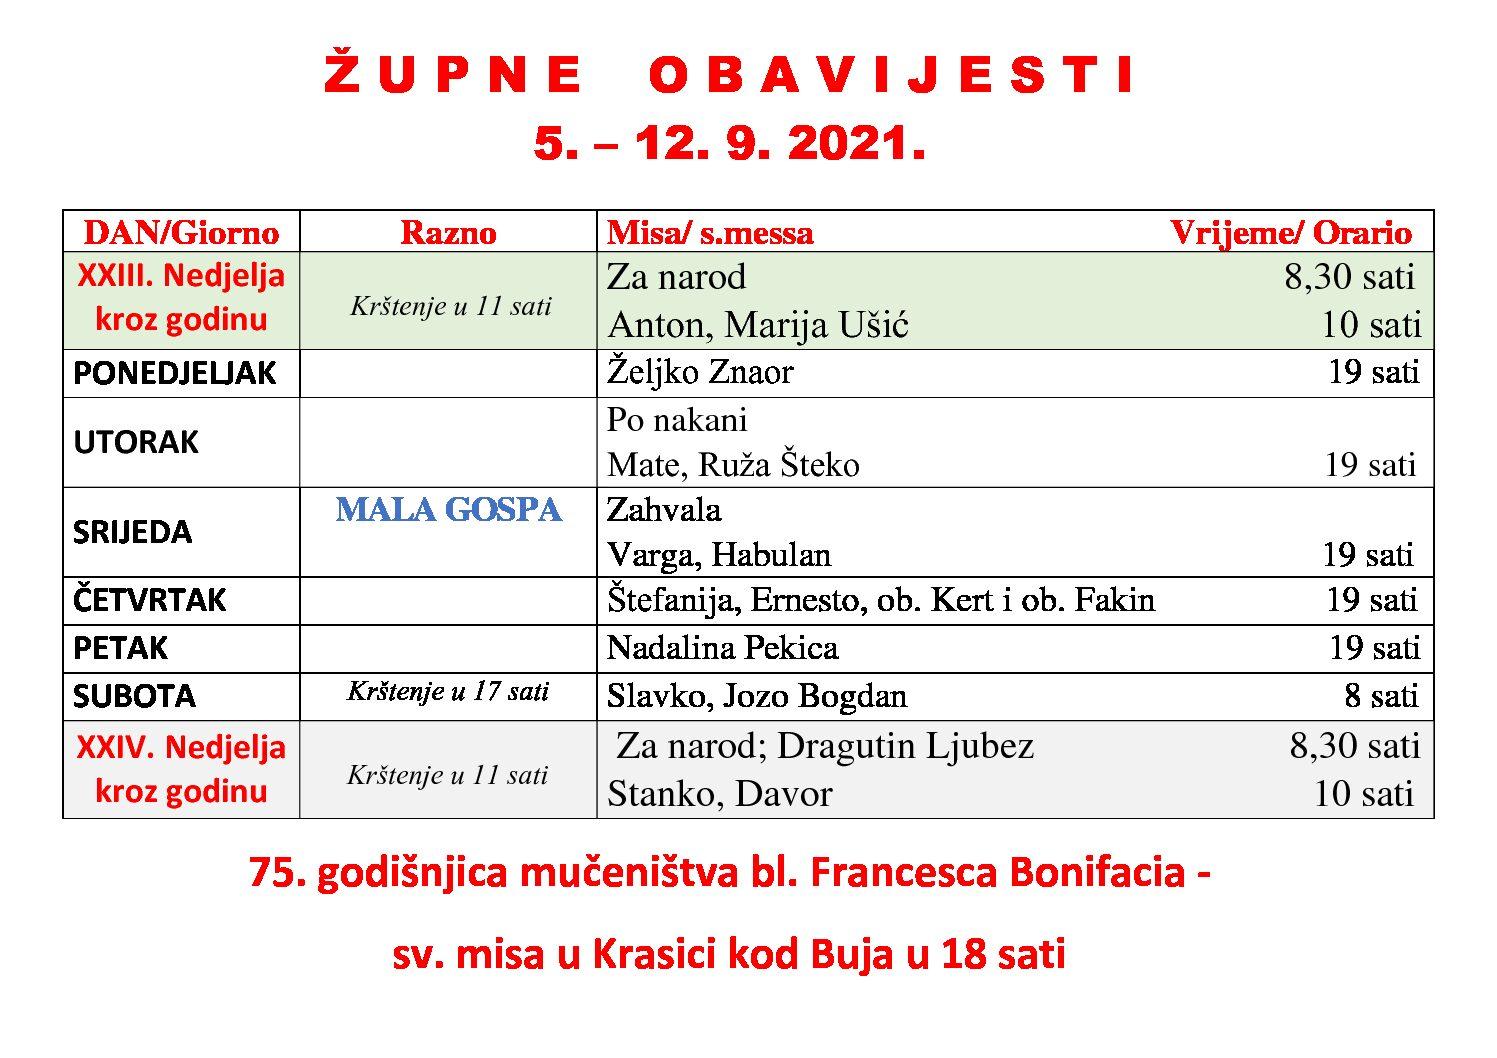 Župne obavijesti, 5. – 12. 9. 2021.